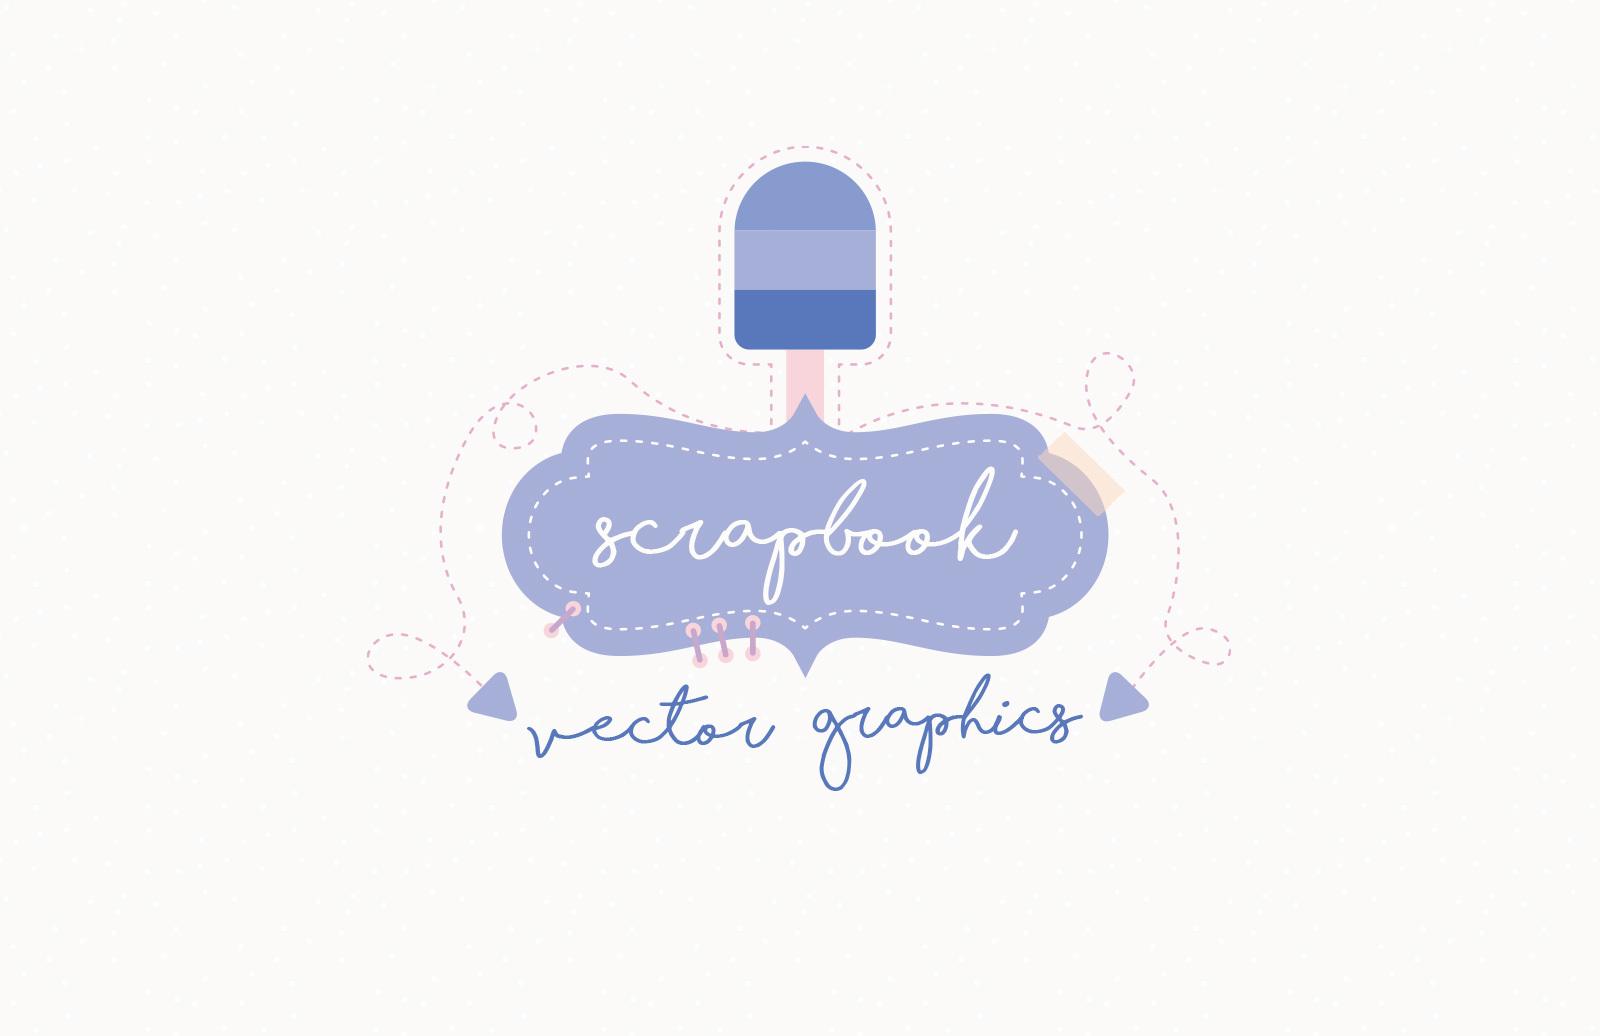 Vector Scrapbook Graphics 1